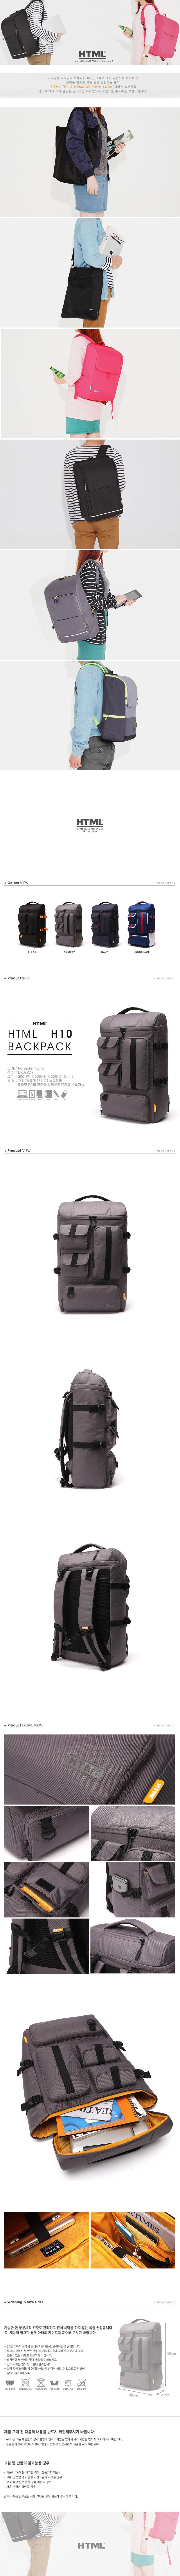 [에이치티엠엘]HTML - NEW H10 Backpack (DK.GRAY) 백팩